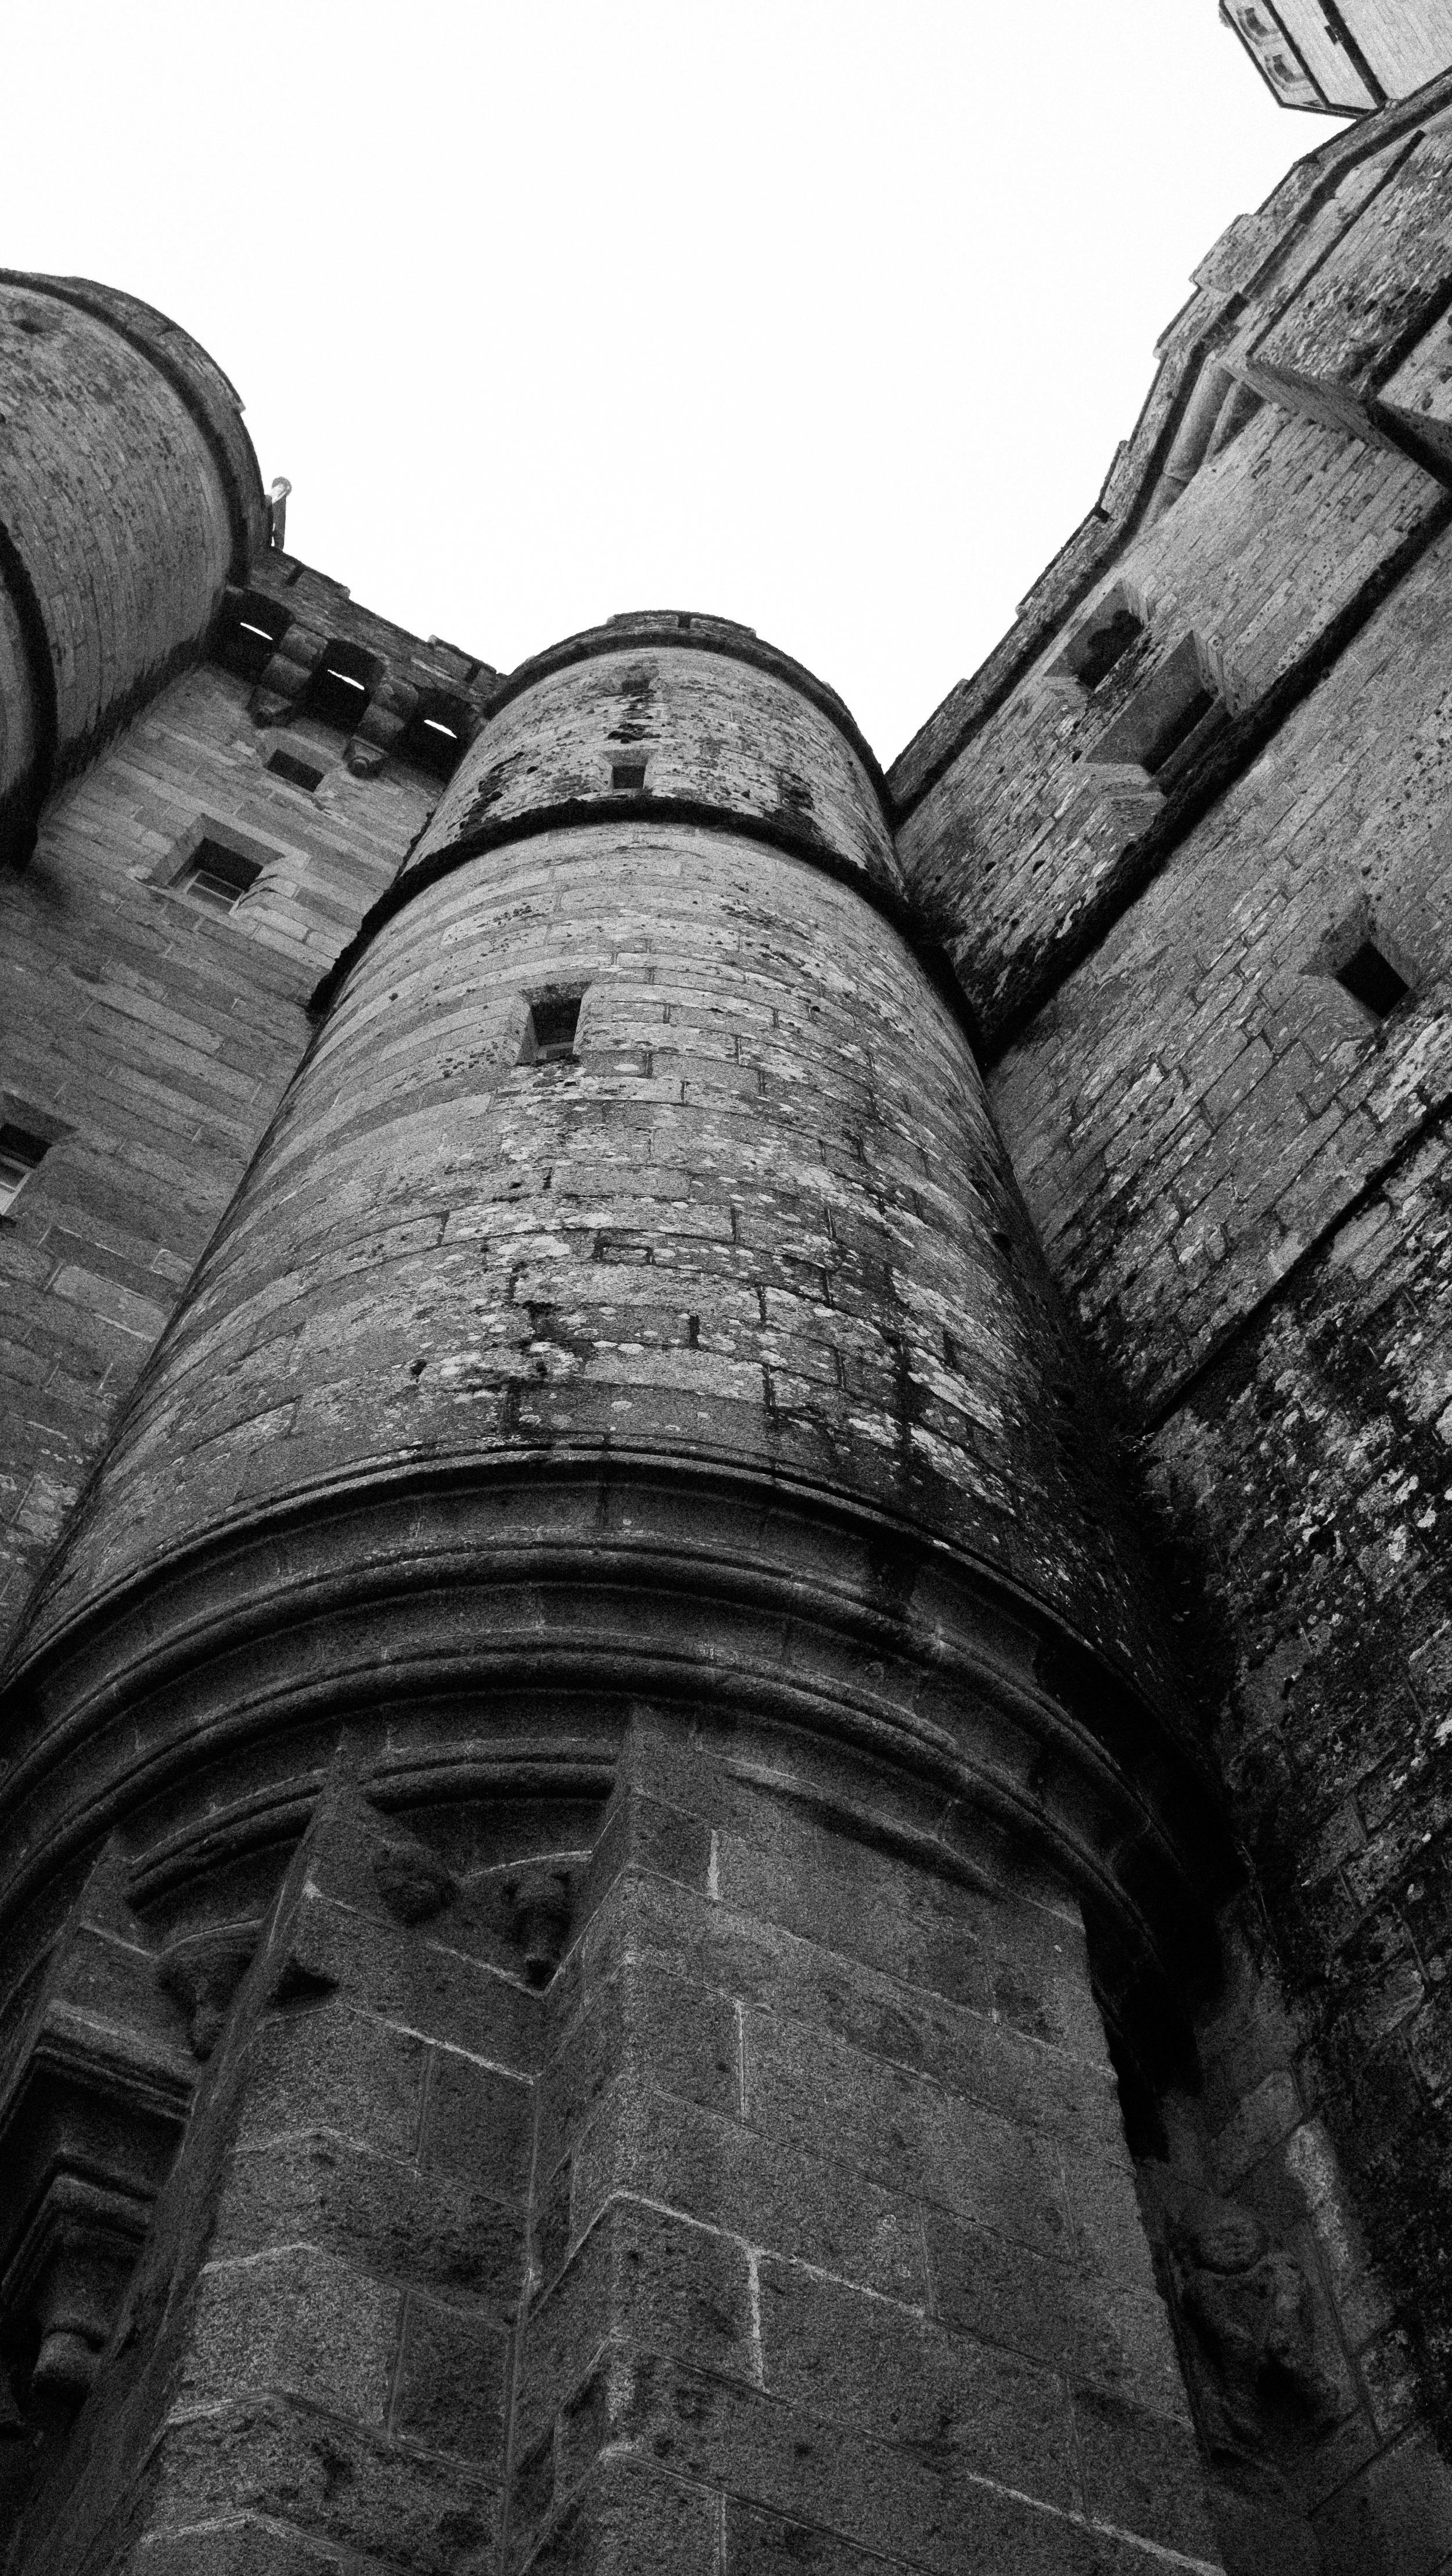 london-britian-cambridge-stmalo-mont-saint-michel-france-normandy-paris-041.jpg